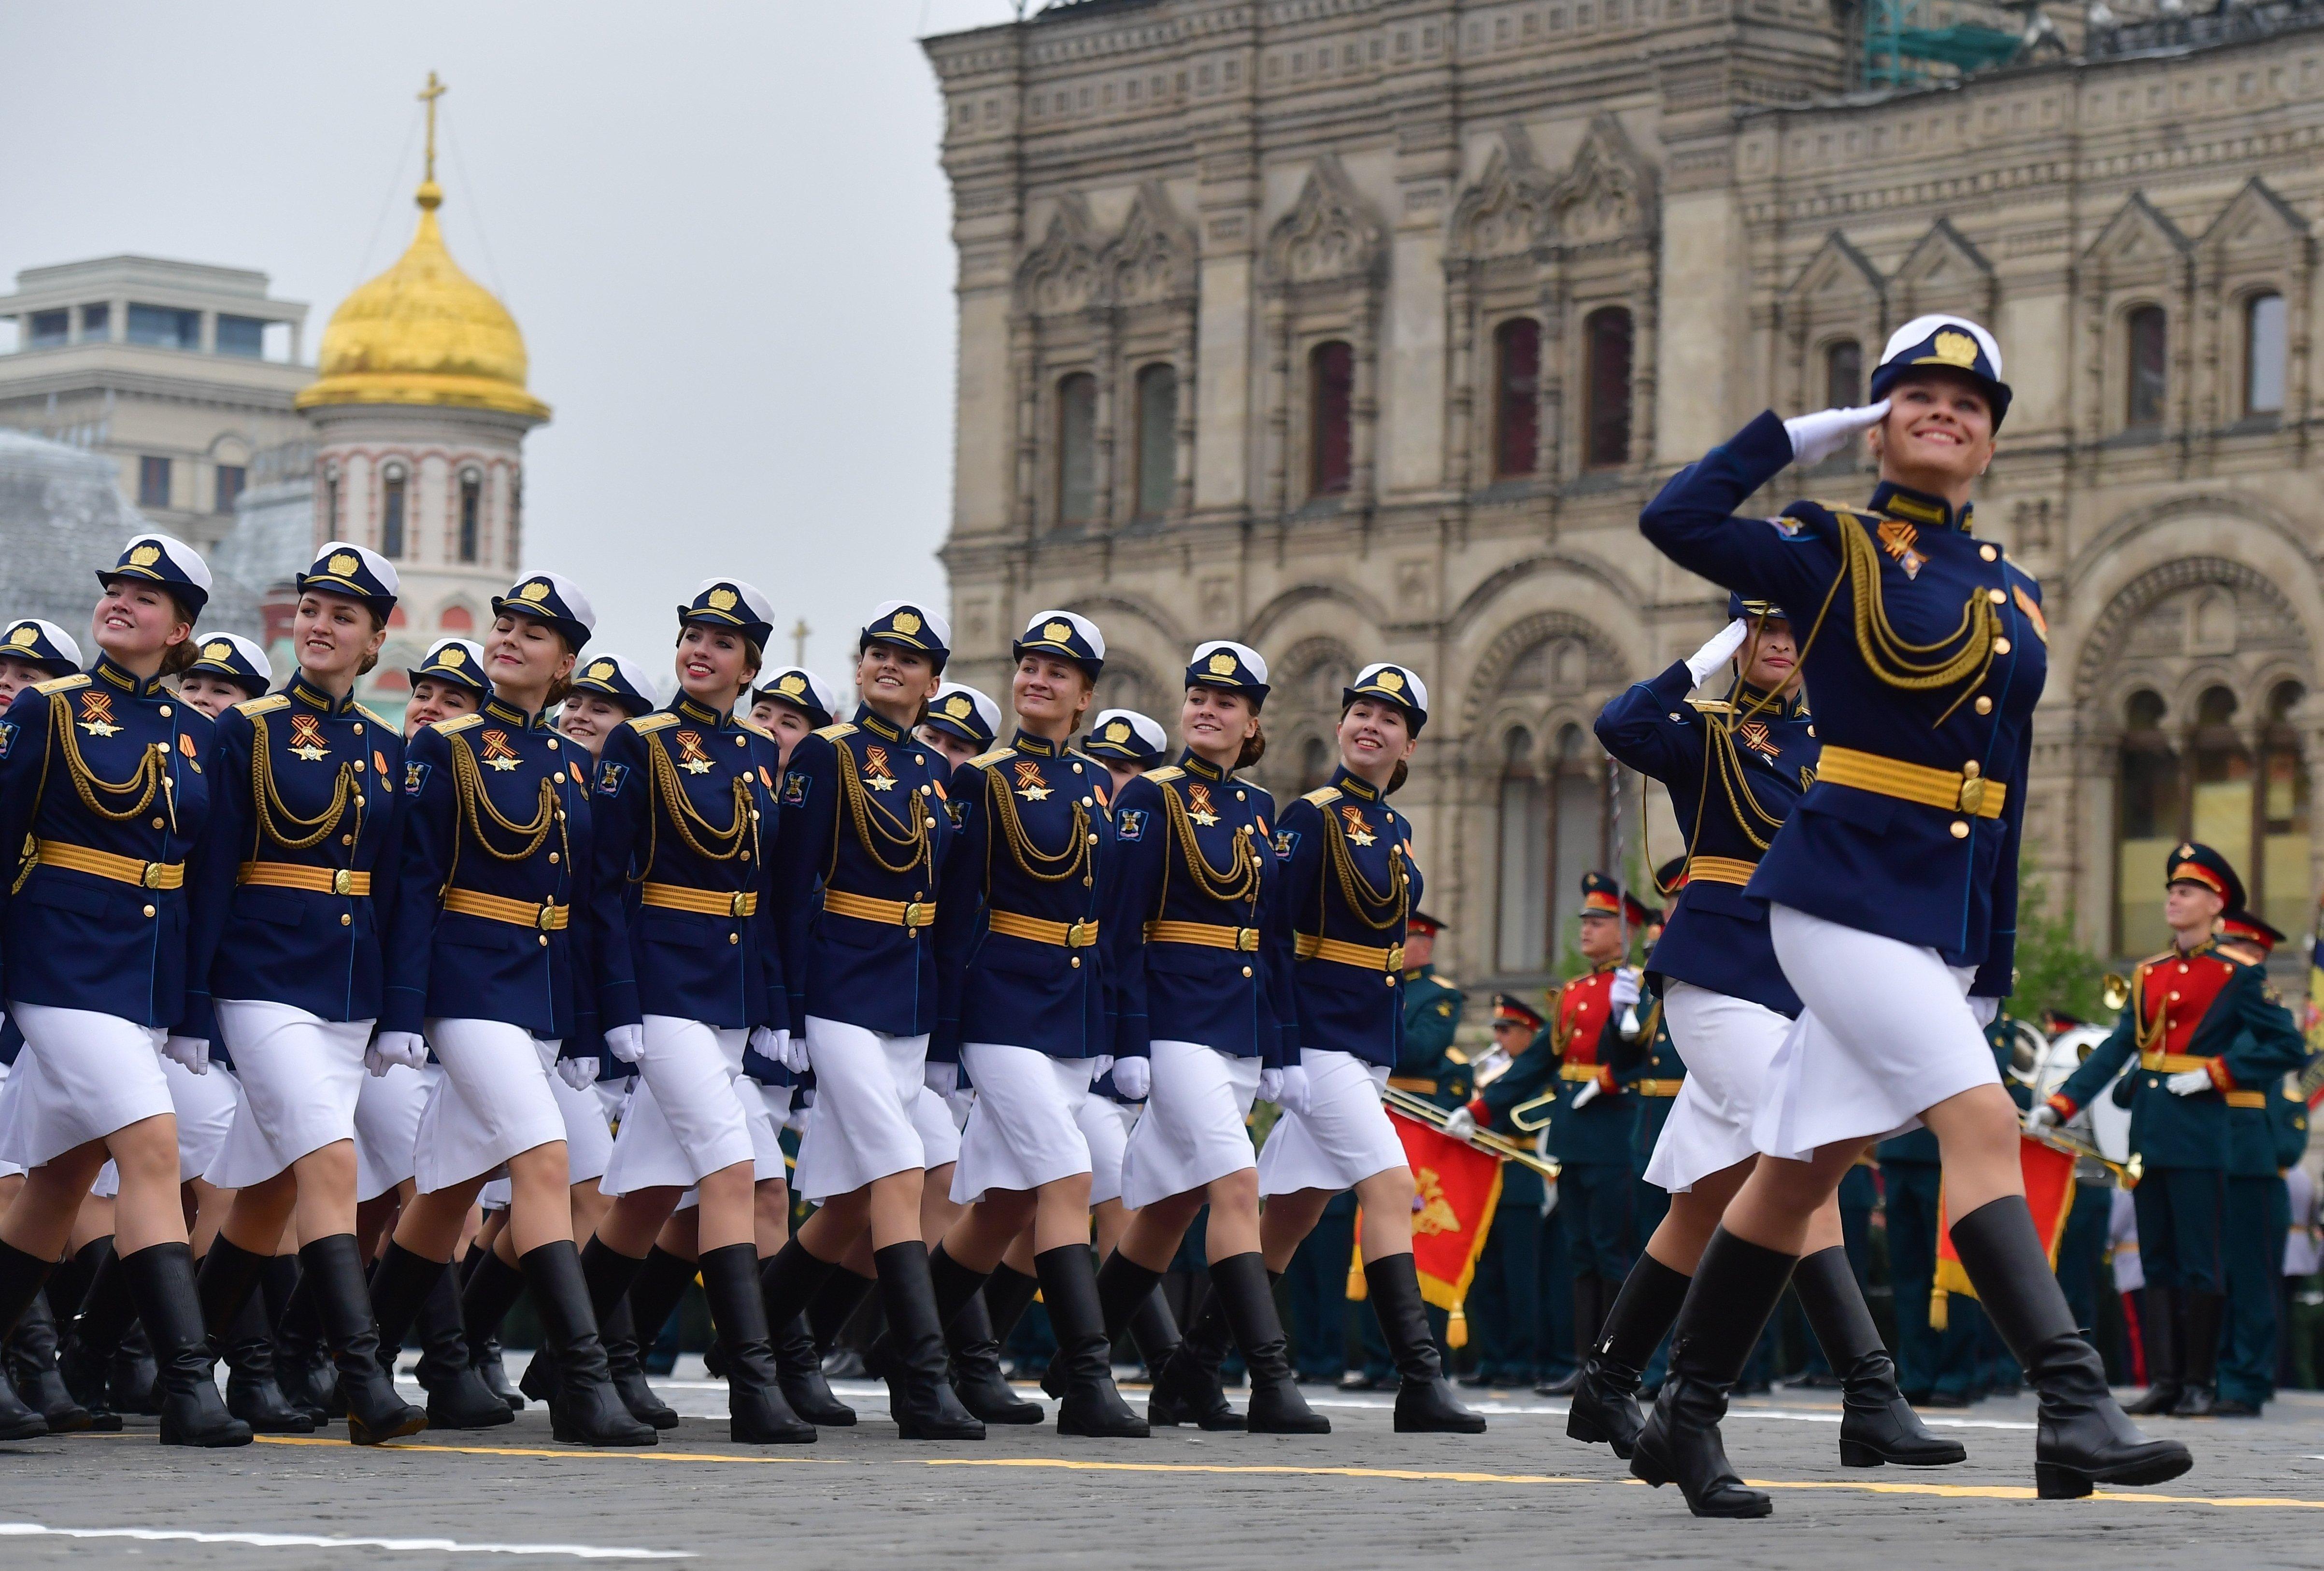 2019年5月9日,莫斯科阅兵式